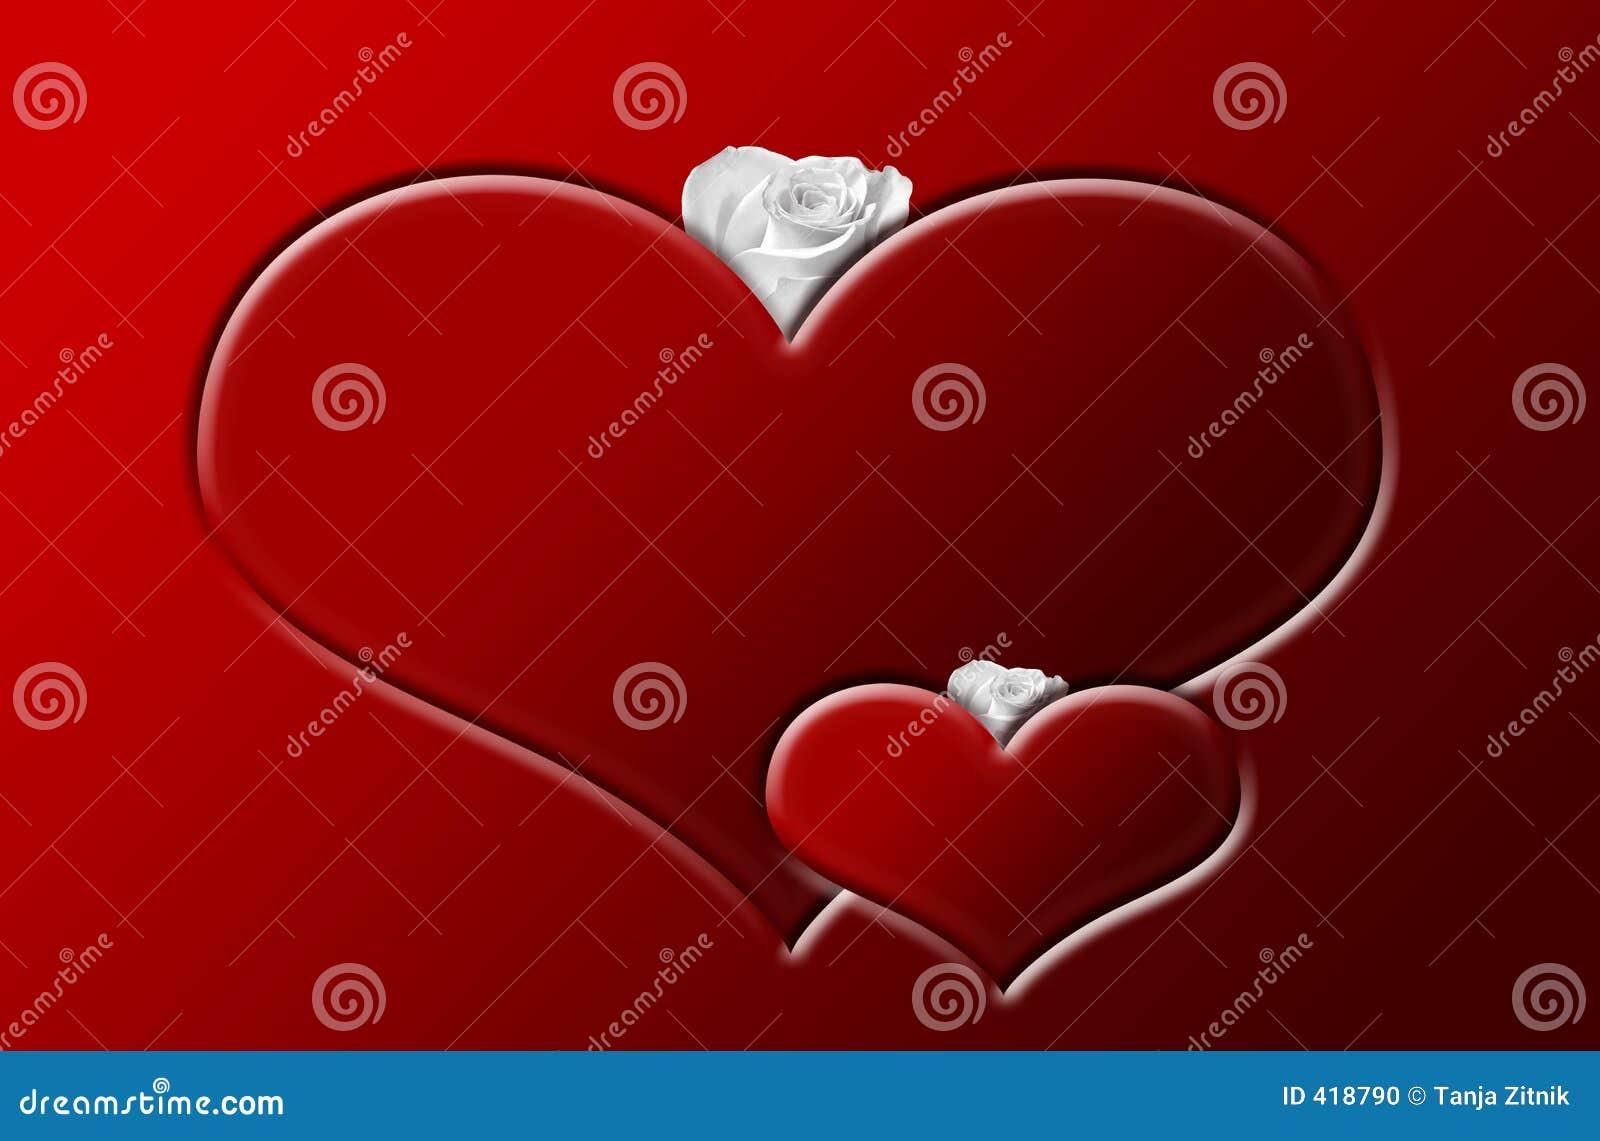 Hearts A